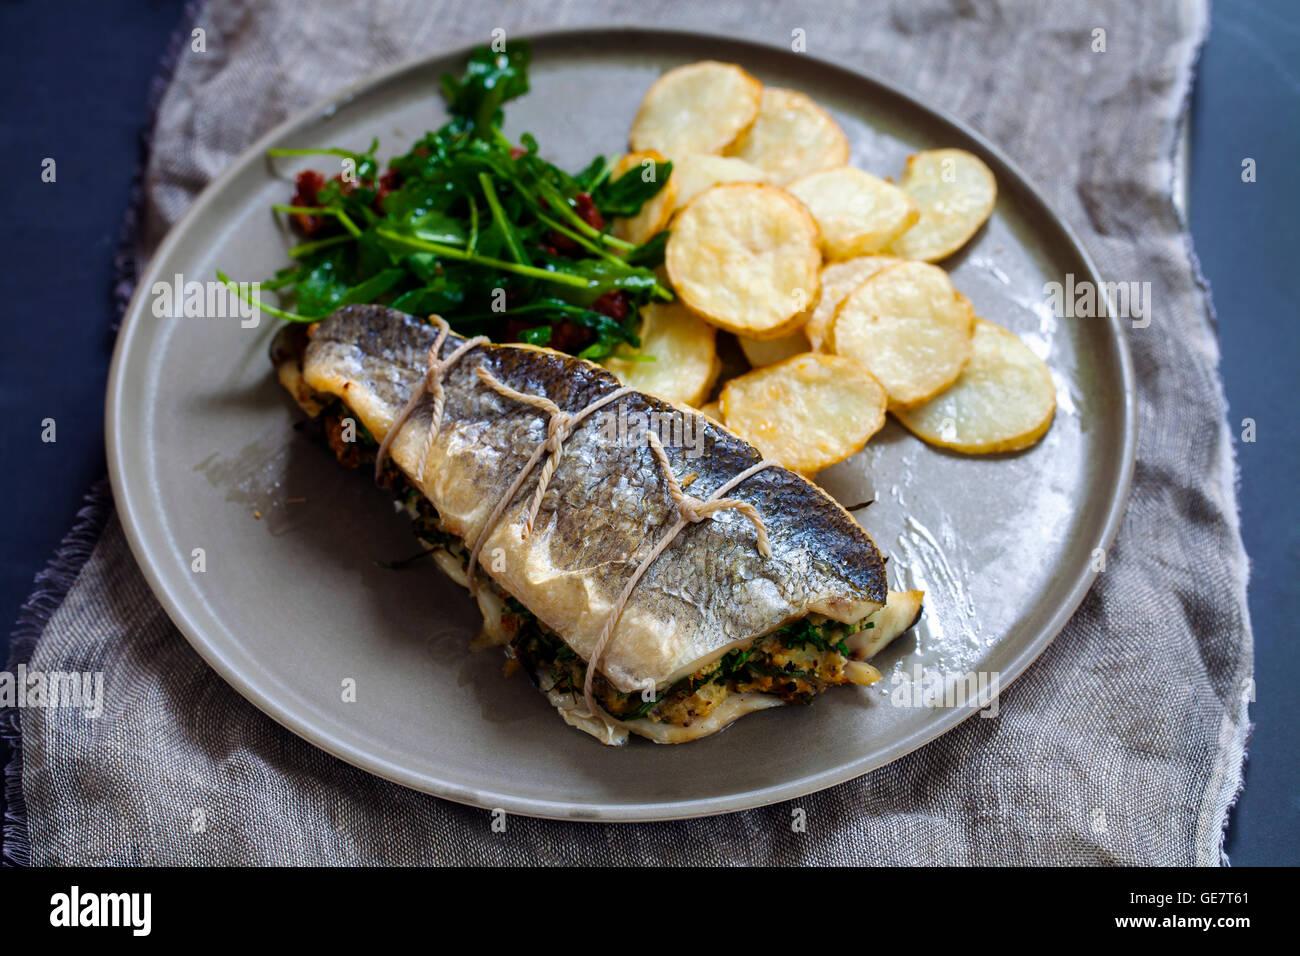 Loup de mer farcies avec salade et pommes de terre Photo Stock